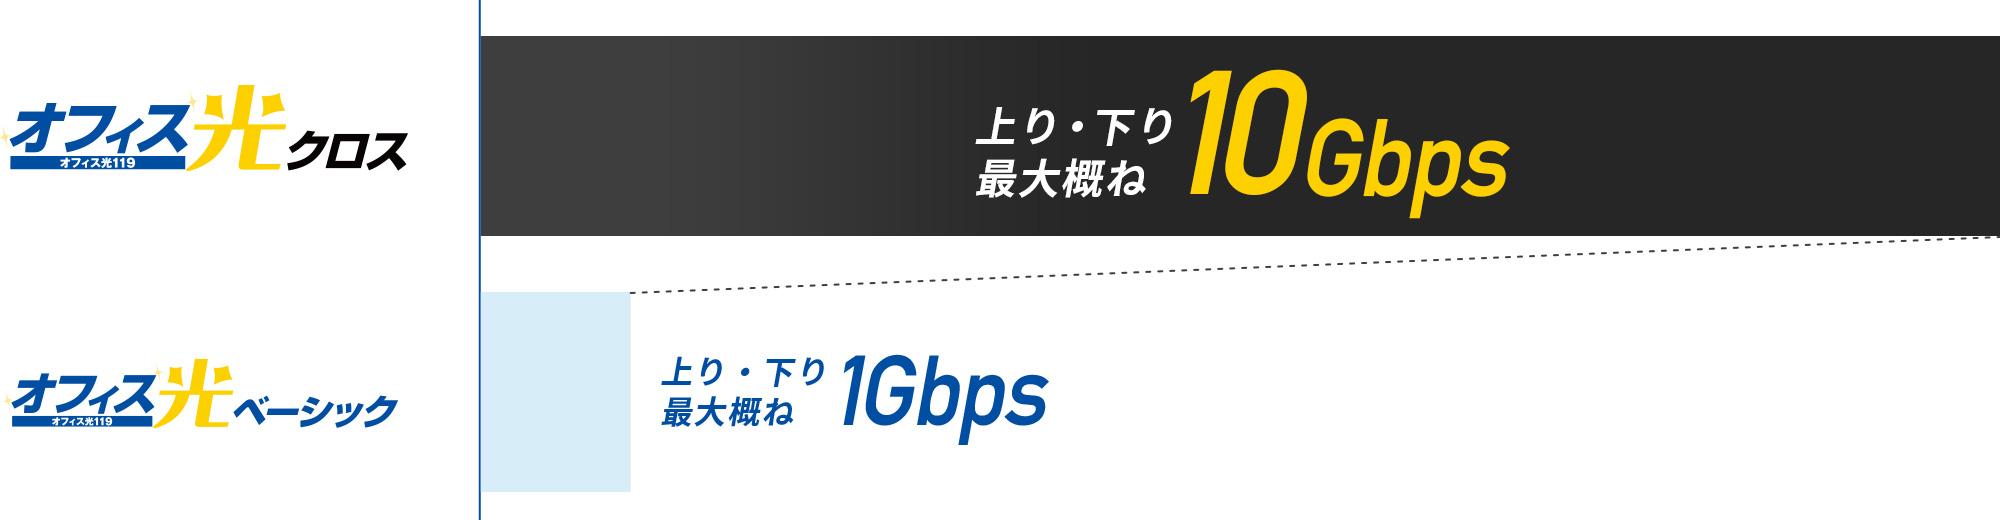 オフィス光クロス:上り・下り最大概ね10Gbps オフィス光ベーシック:上り・下り最大概ね1Gbps